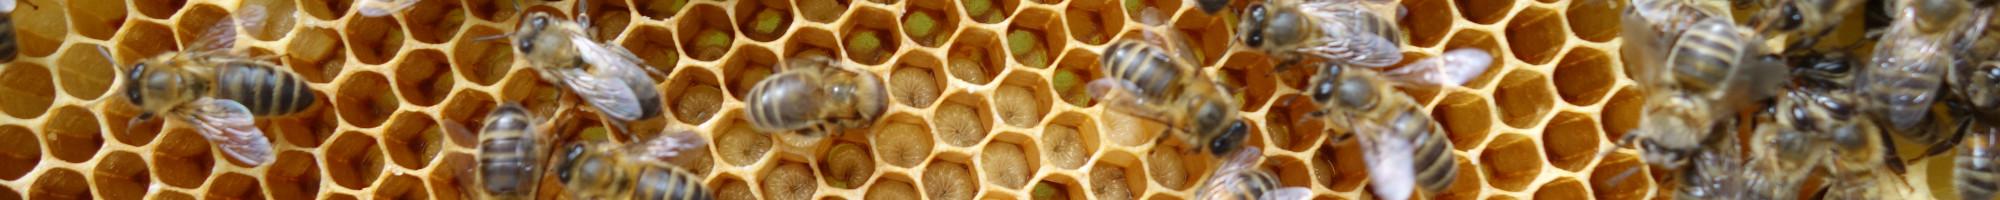 Syndicat des apiculteurs de Metz & environs